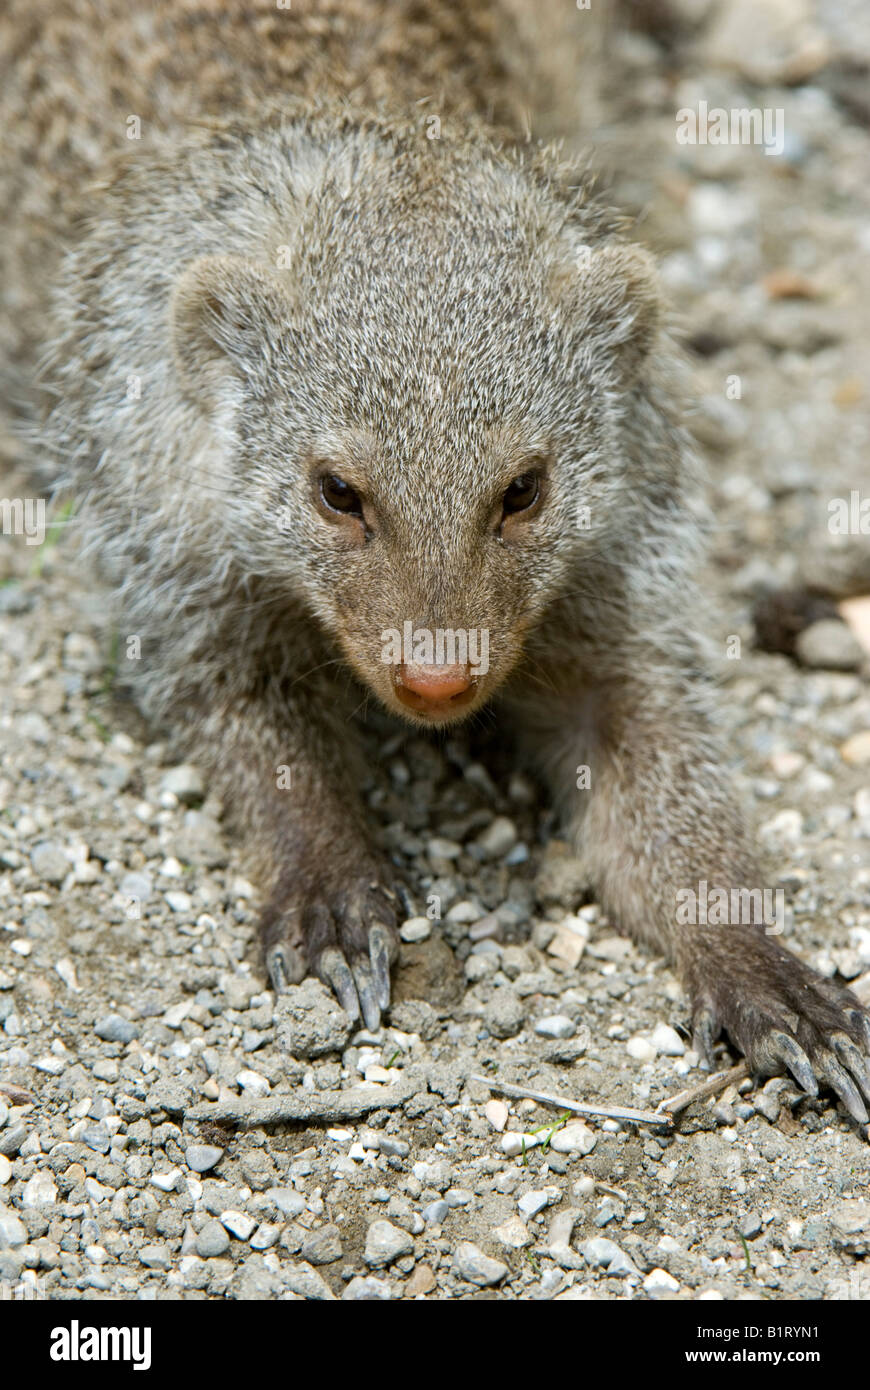 Banded Mongoose (Mungos mungo), Salzburg Zoo, Salzburg, Austria, Europe Stock Photo